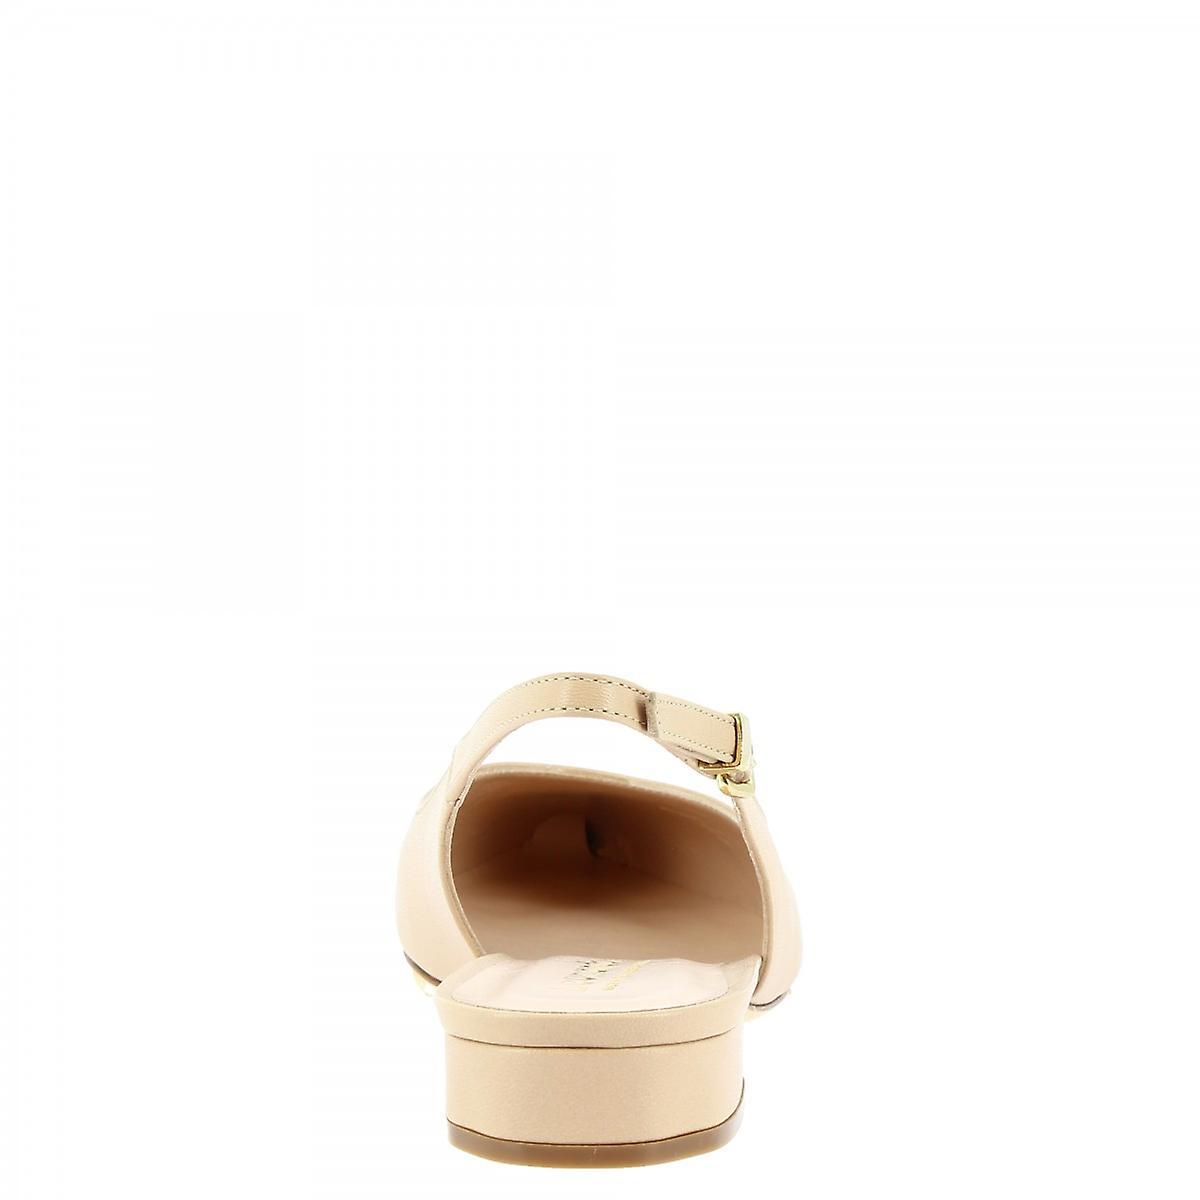 Leonardo Scarpe Donne's ballerine a punta a punta fatte a punta balletto in pelle bfVD82